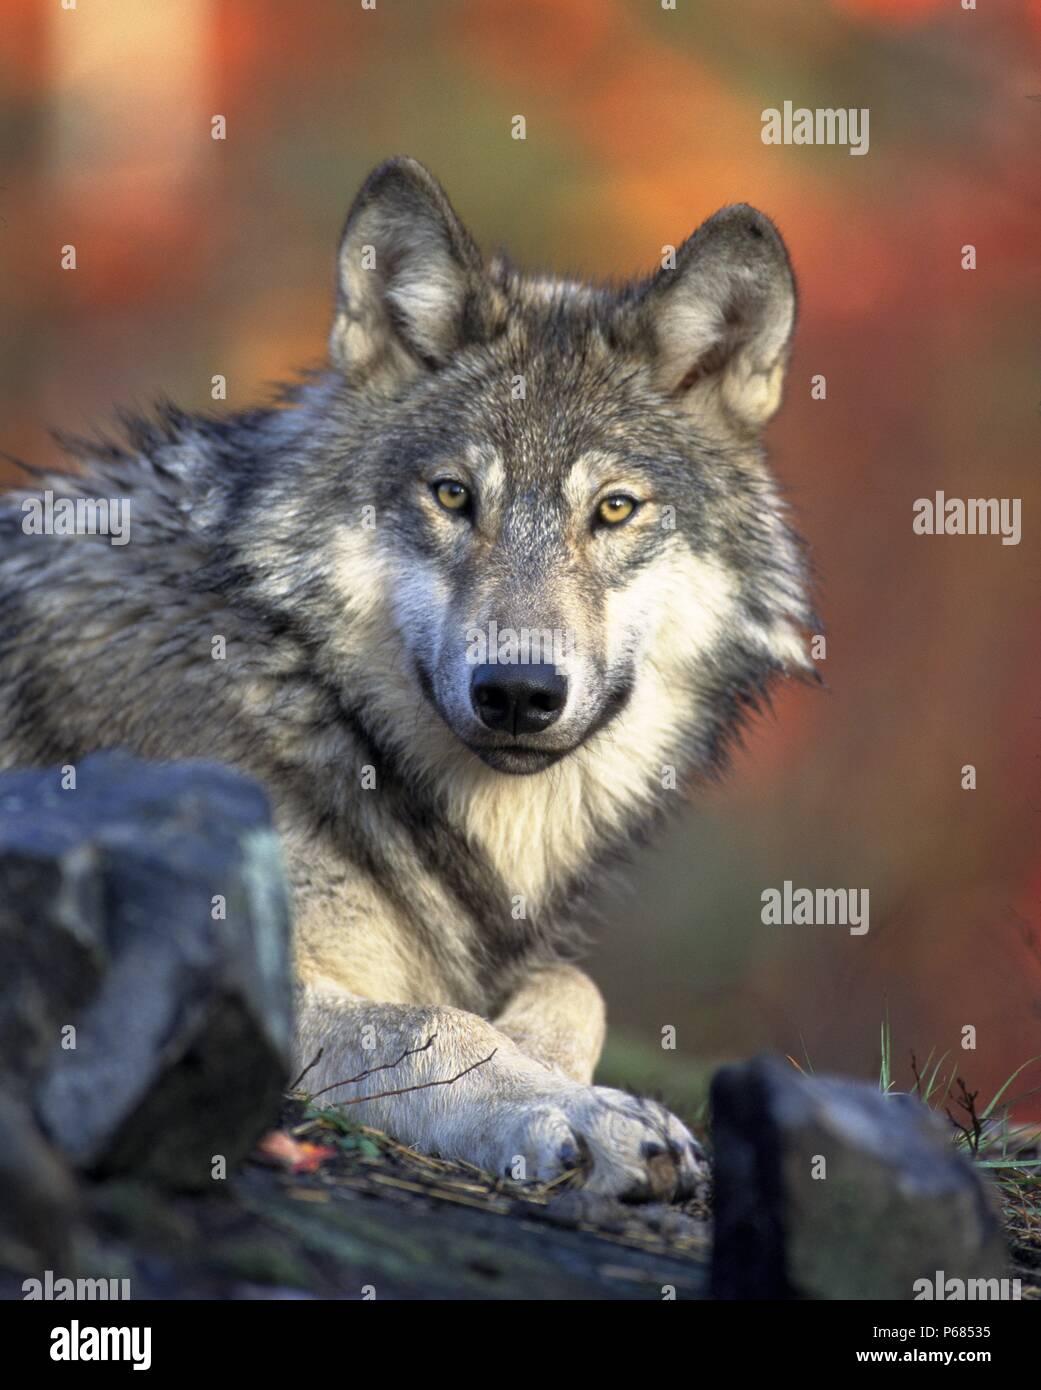 La vida íntima de los animales salvajes Imagen De Stock